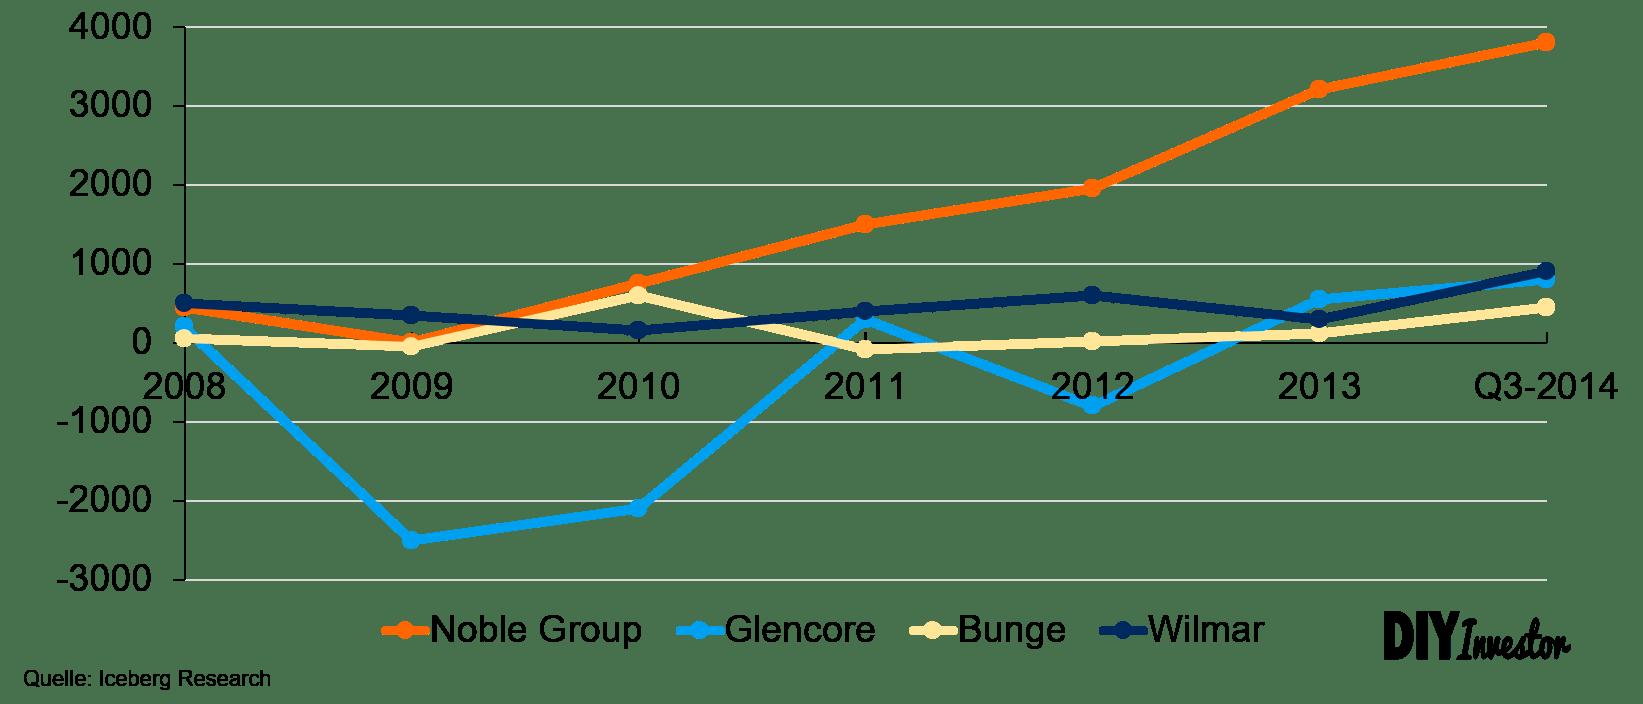 Net Fair Value Gains Noble Group versus Wettbewerber